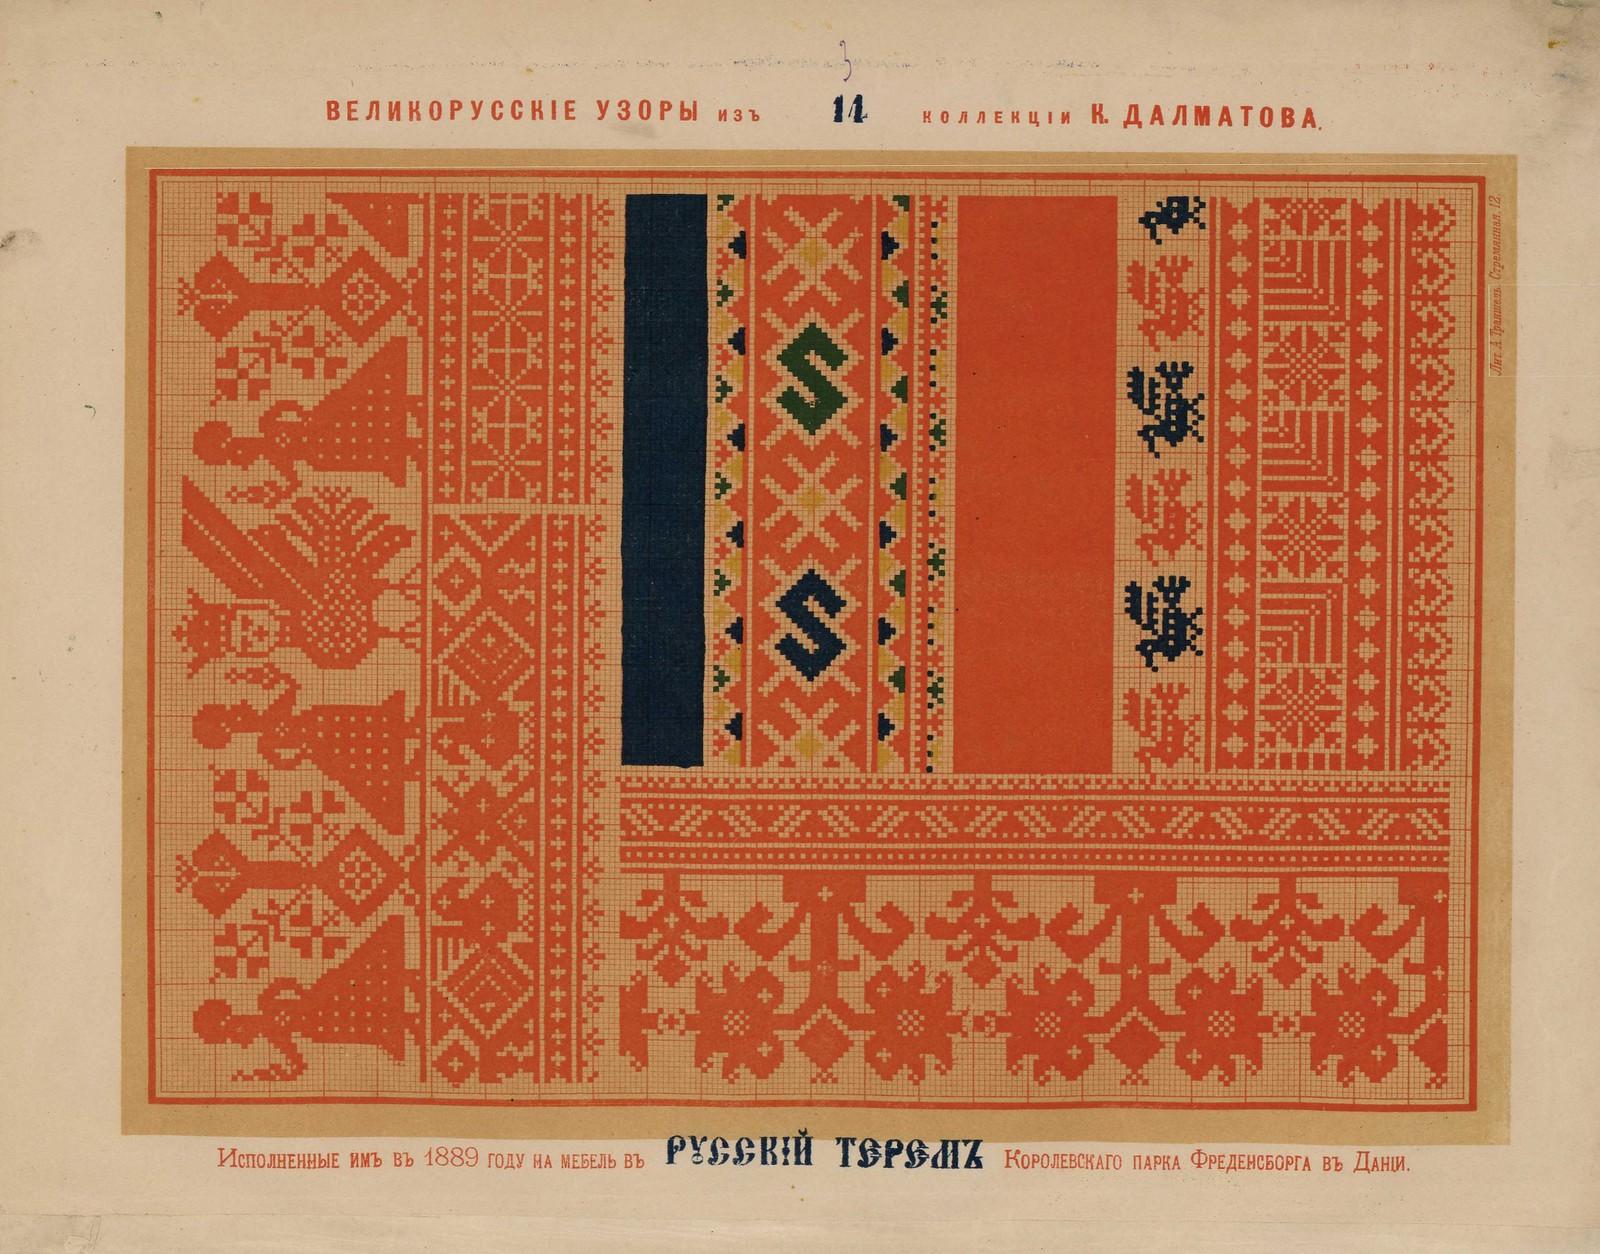 russkie-vyshivki-1889-005